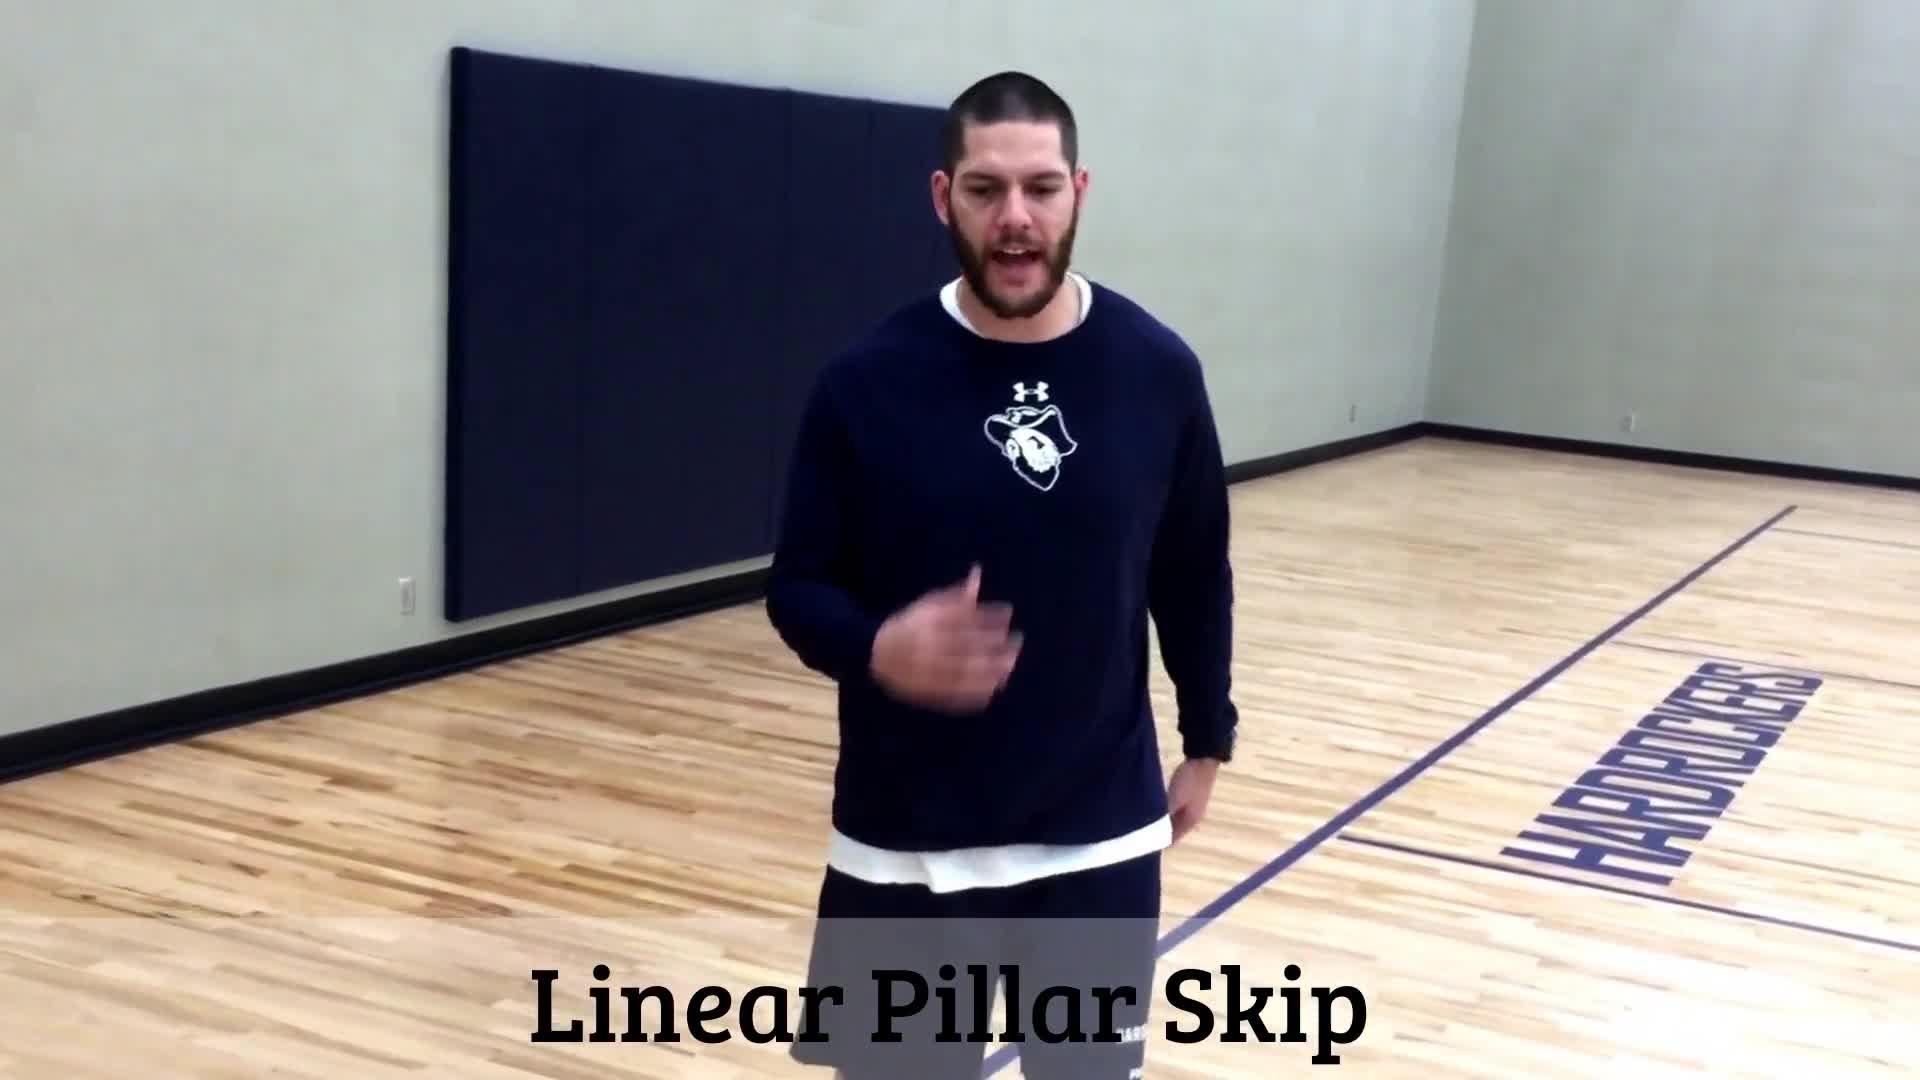 Linear Pillar Skip GIFs